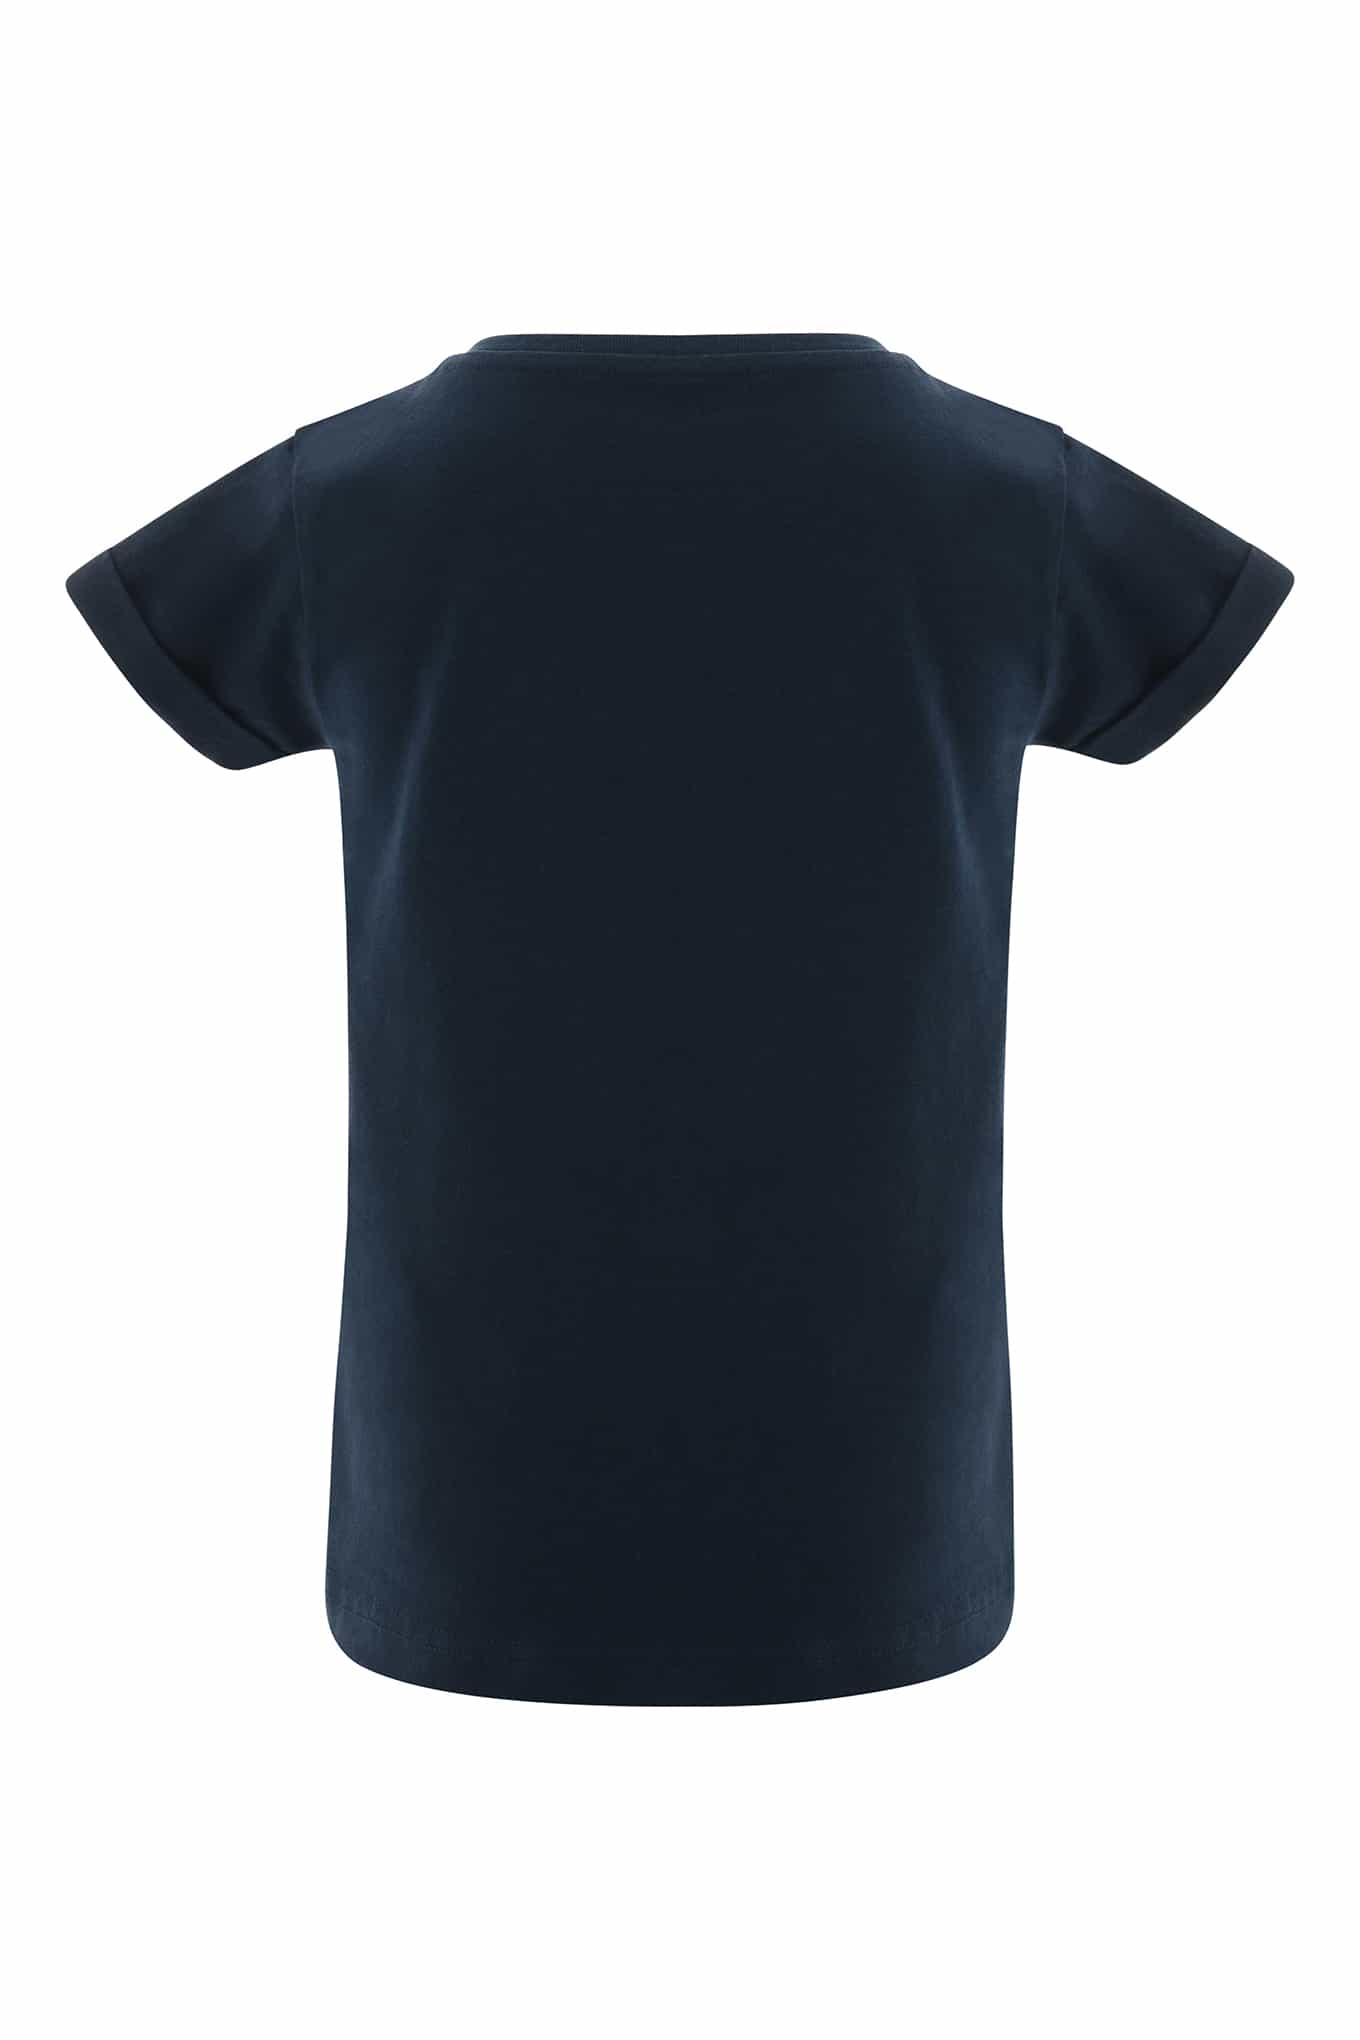 T-Shirt Dark Blue Sport Girl